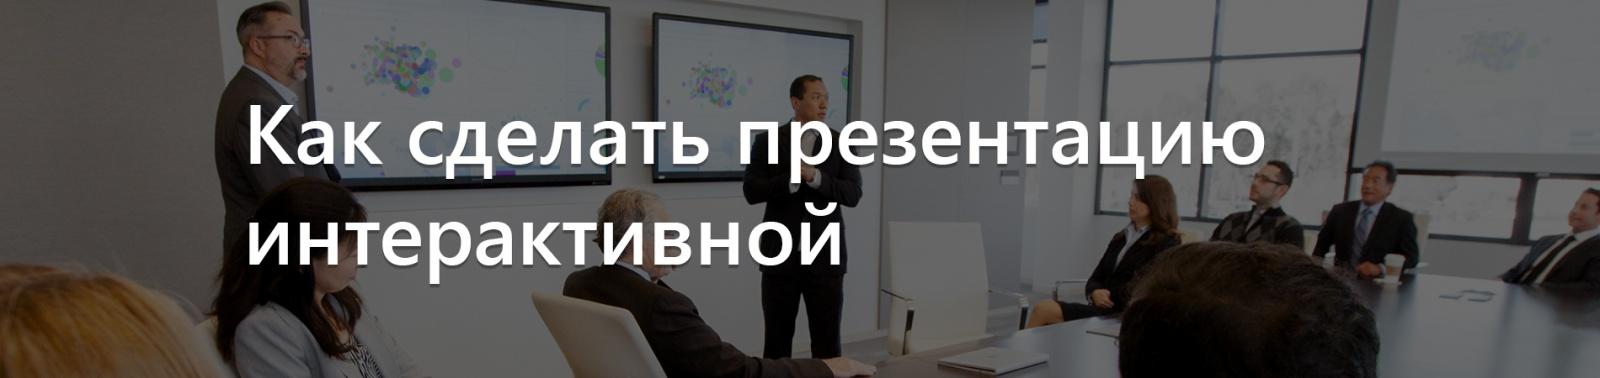 Как сделать презентацию интерактивной - 1